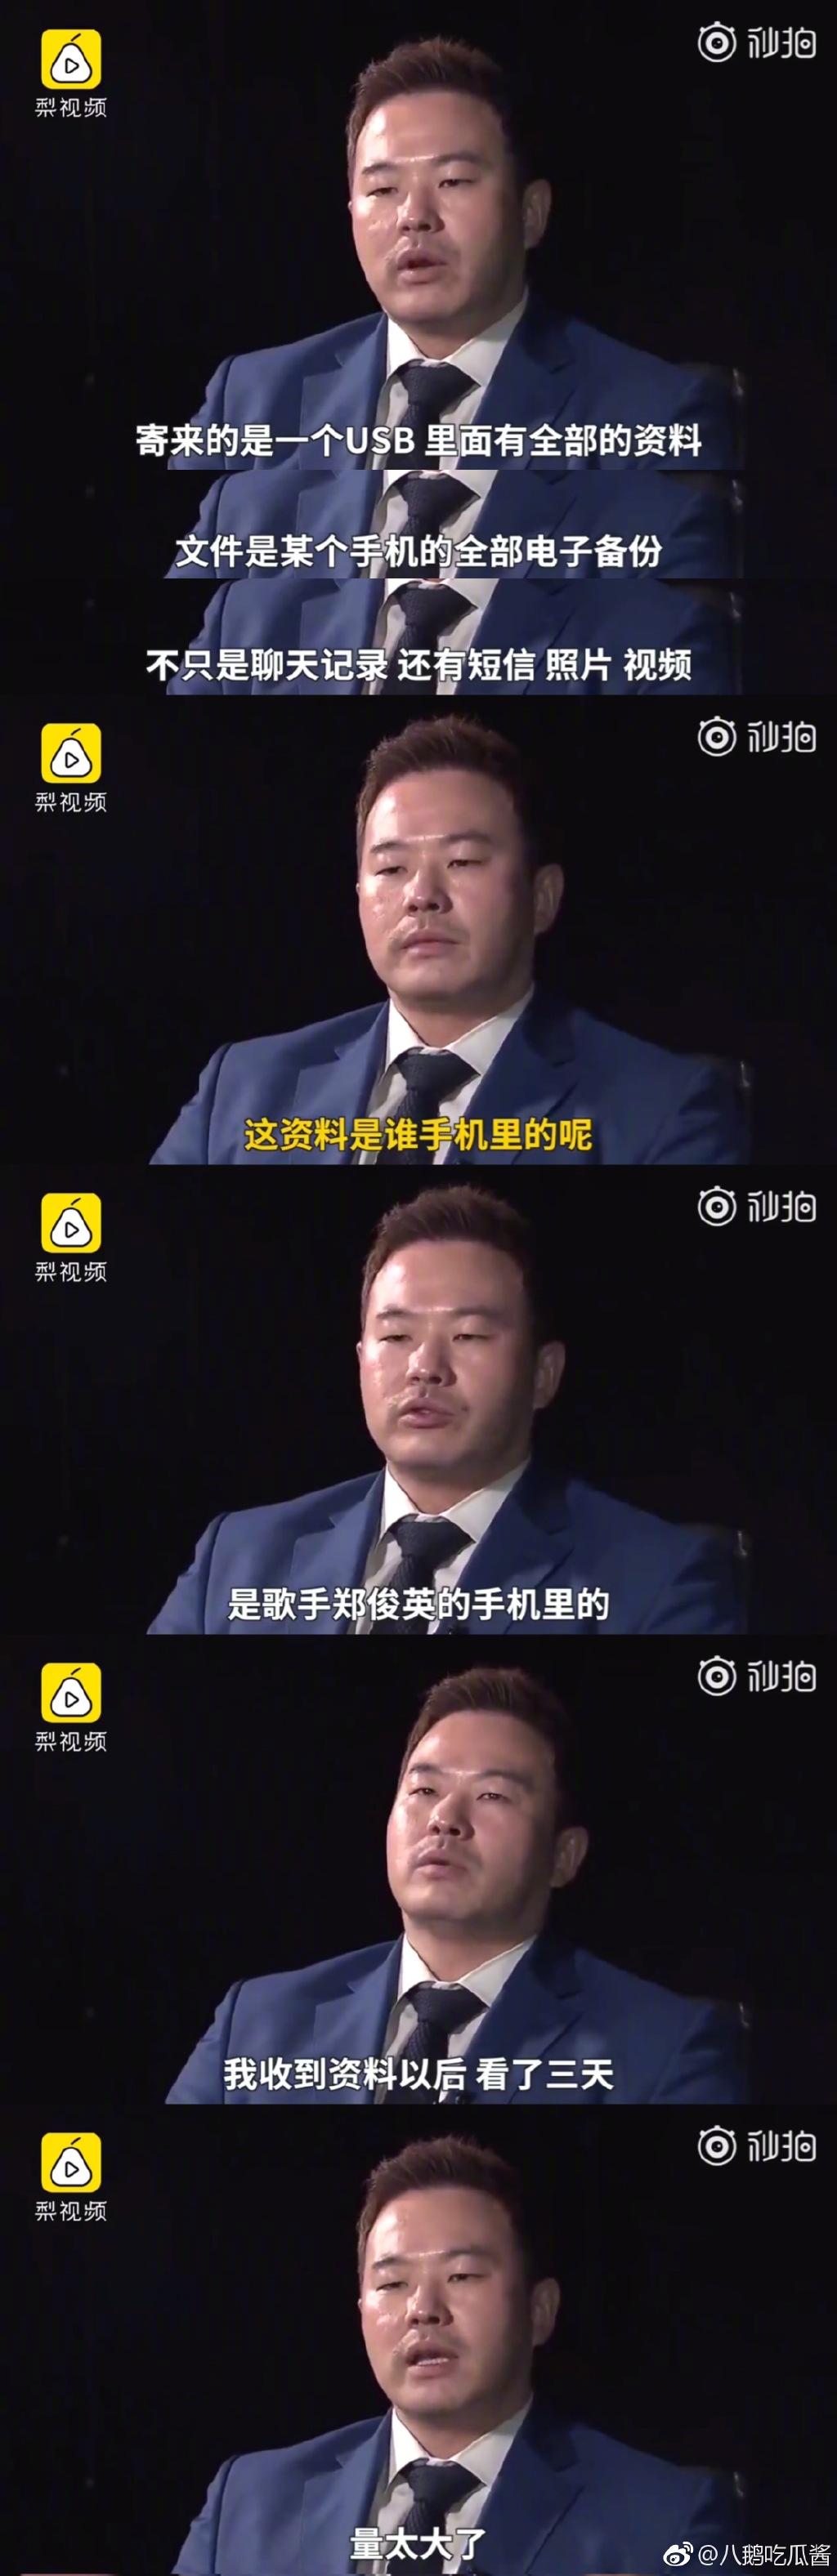 """韩国娱乐圈BigBang""""胜利""""X贿赂大事件 嗨头条 第4张"""